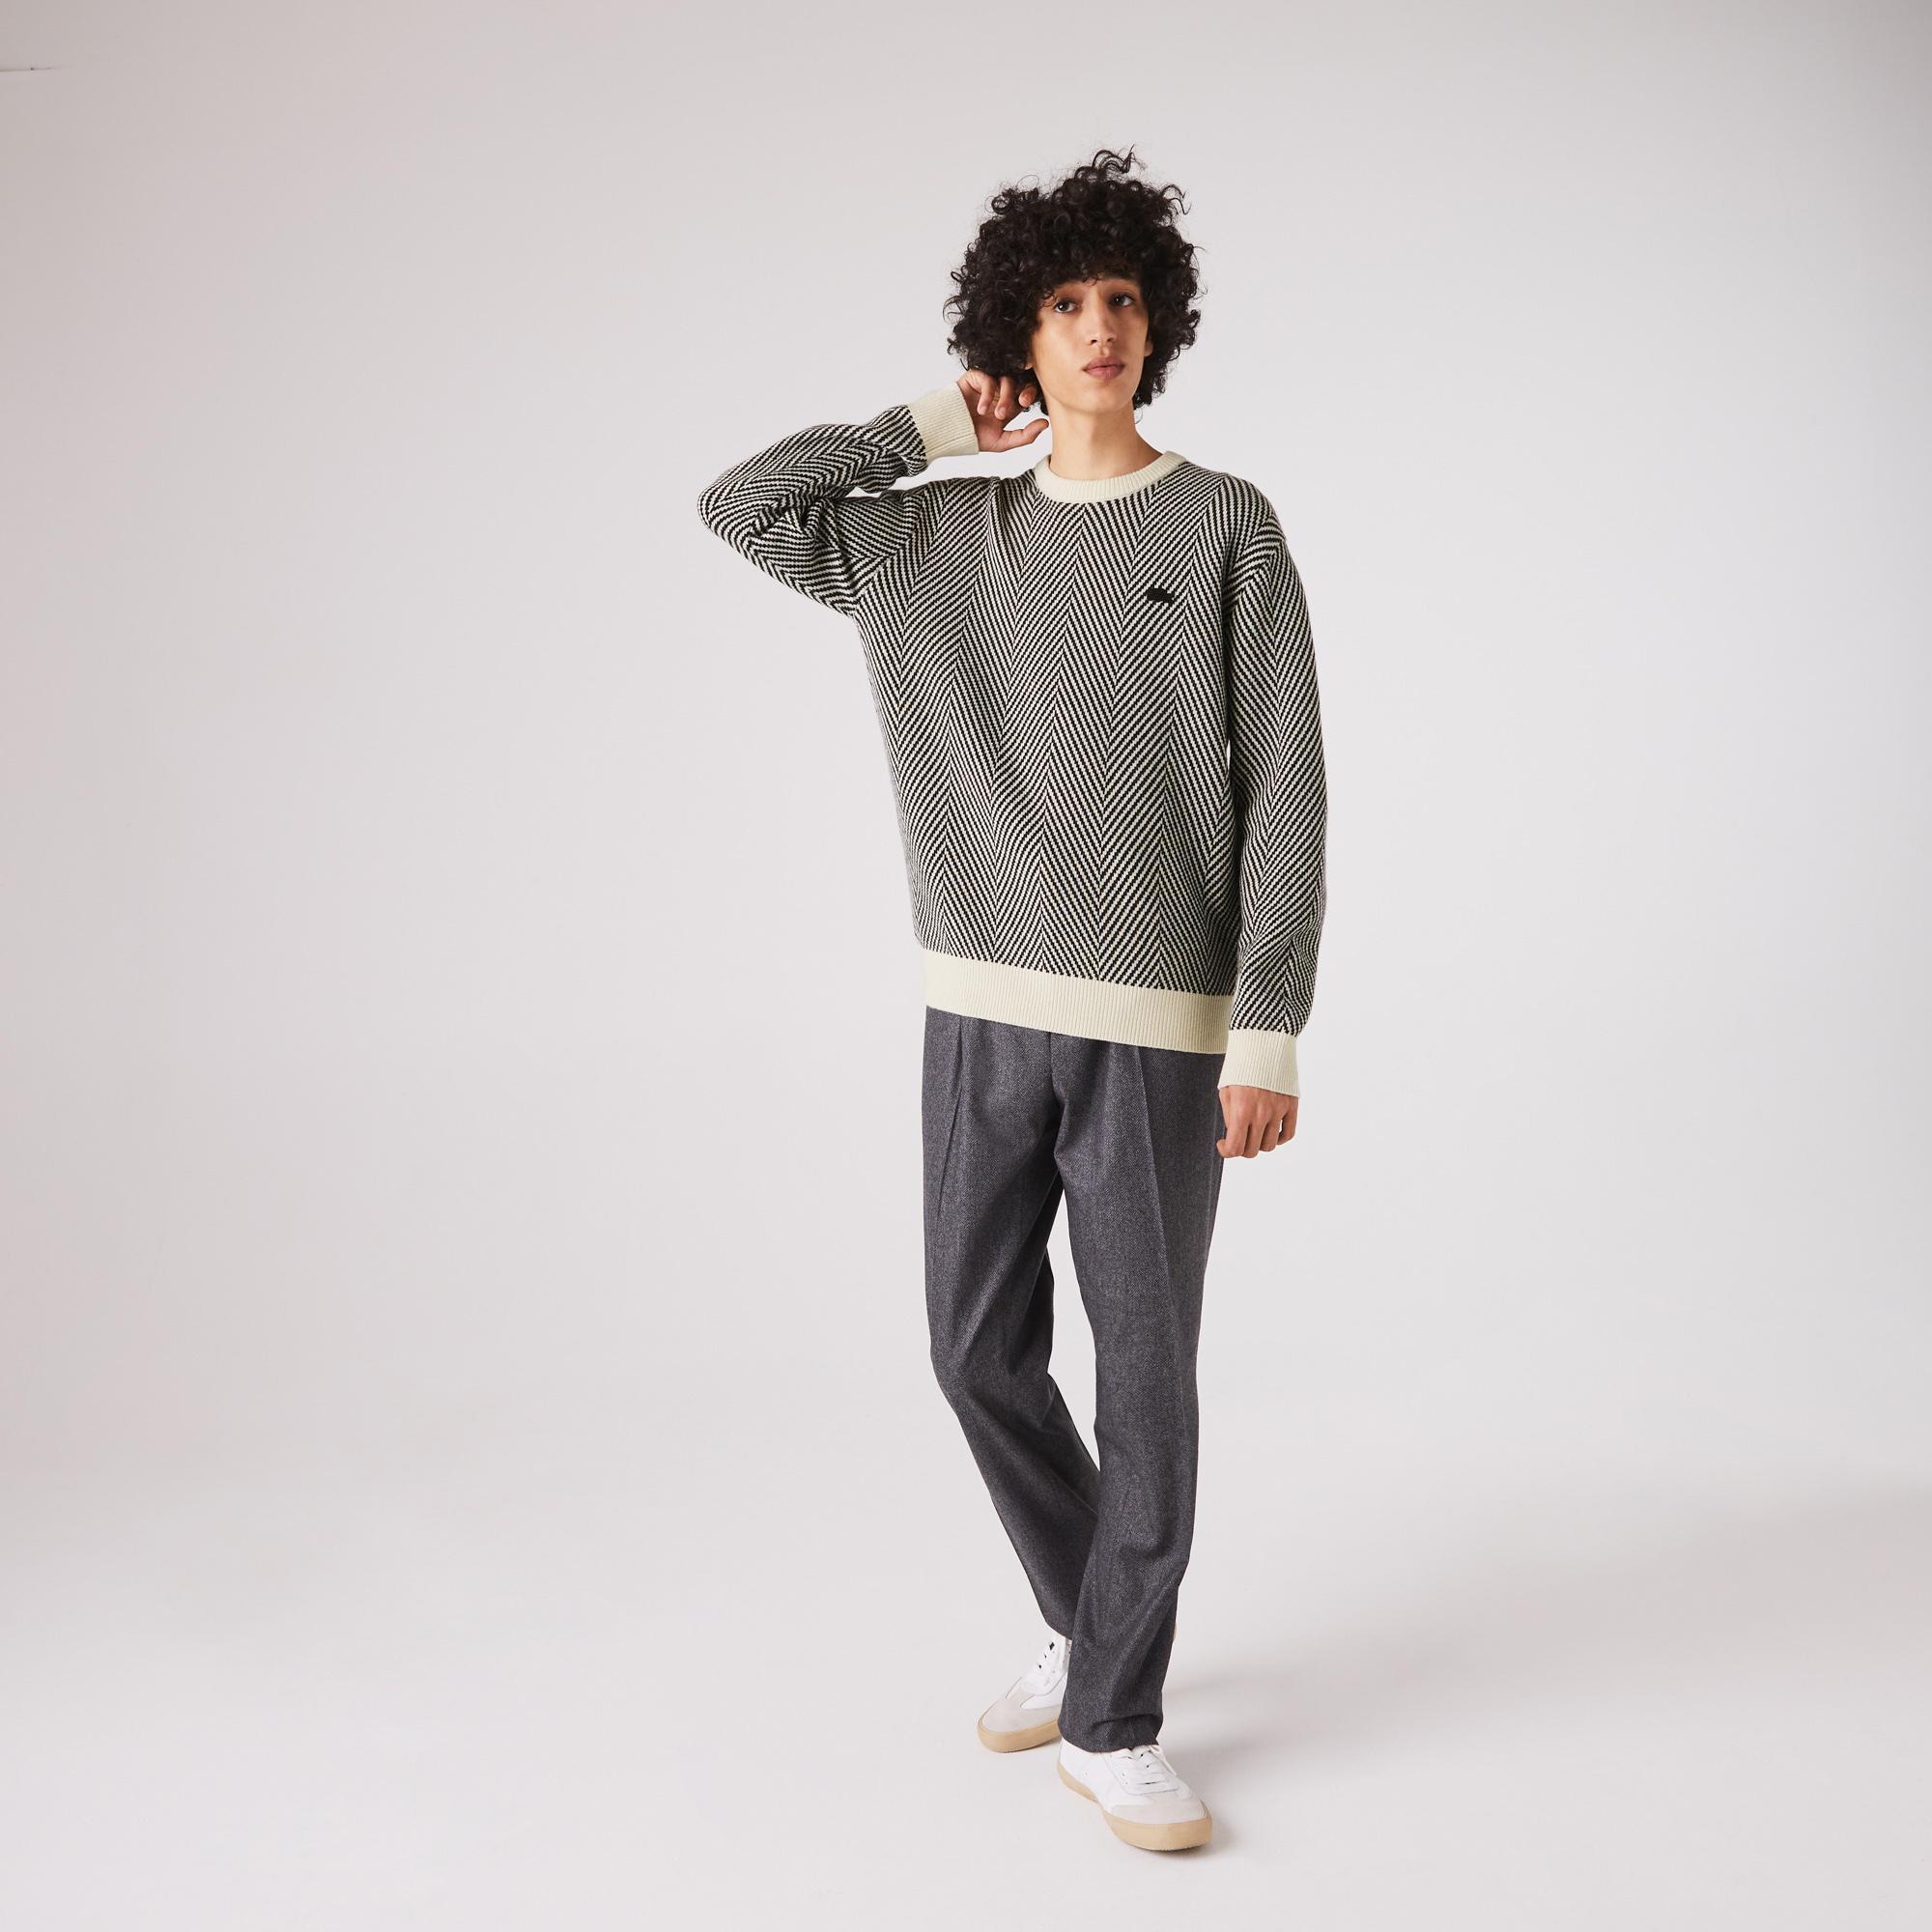 Lacoste Męski Teksturowany Ekologiczny Wełniany Sweter Z Okrągłym Wycięciem Pod Szyją